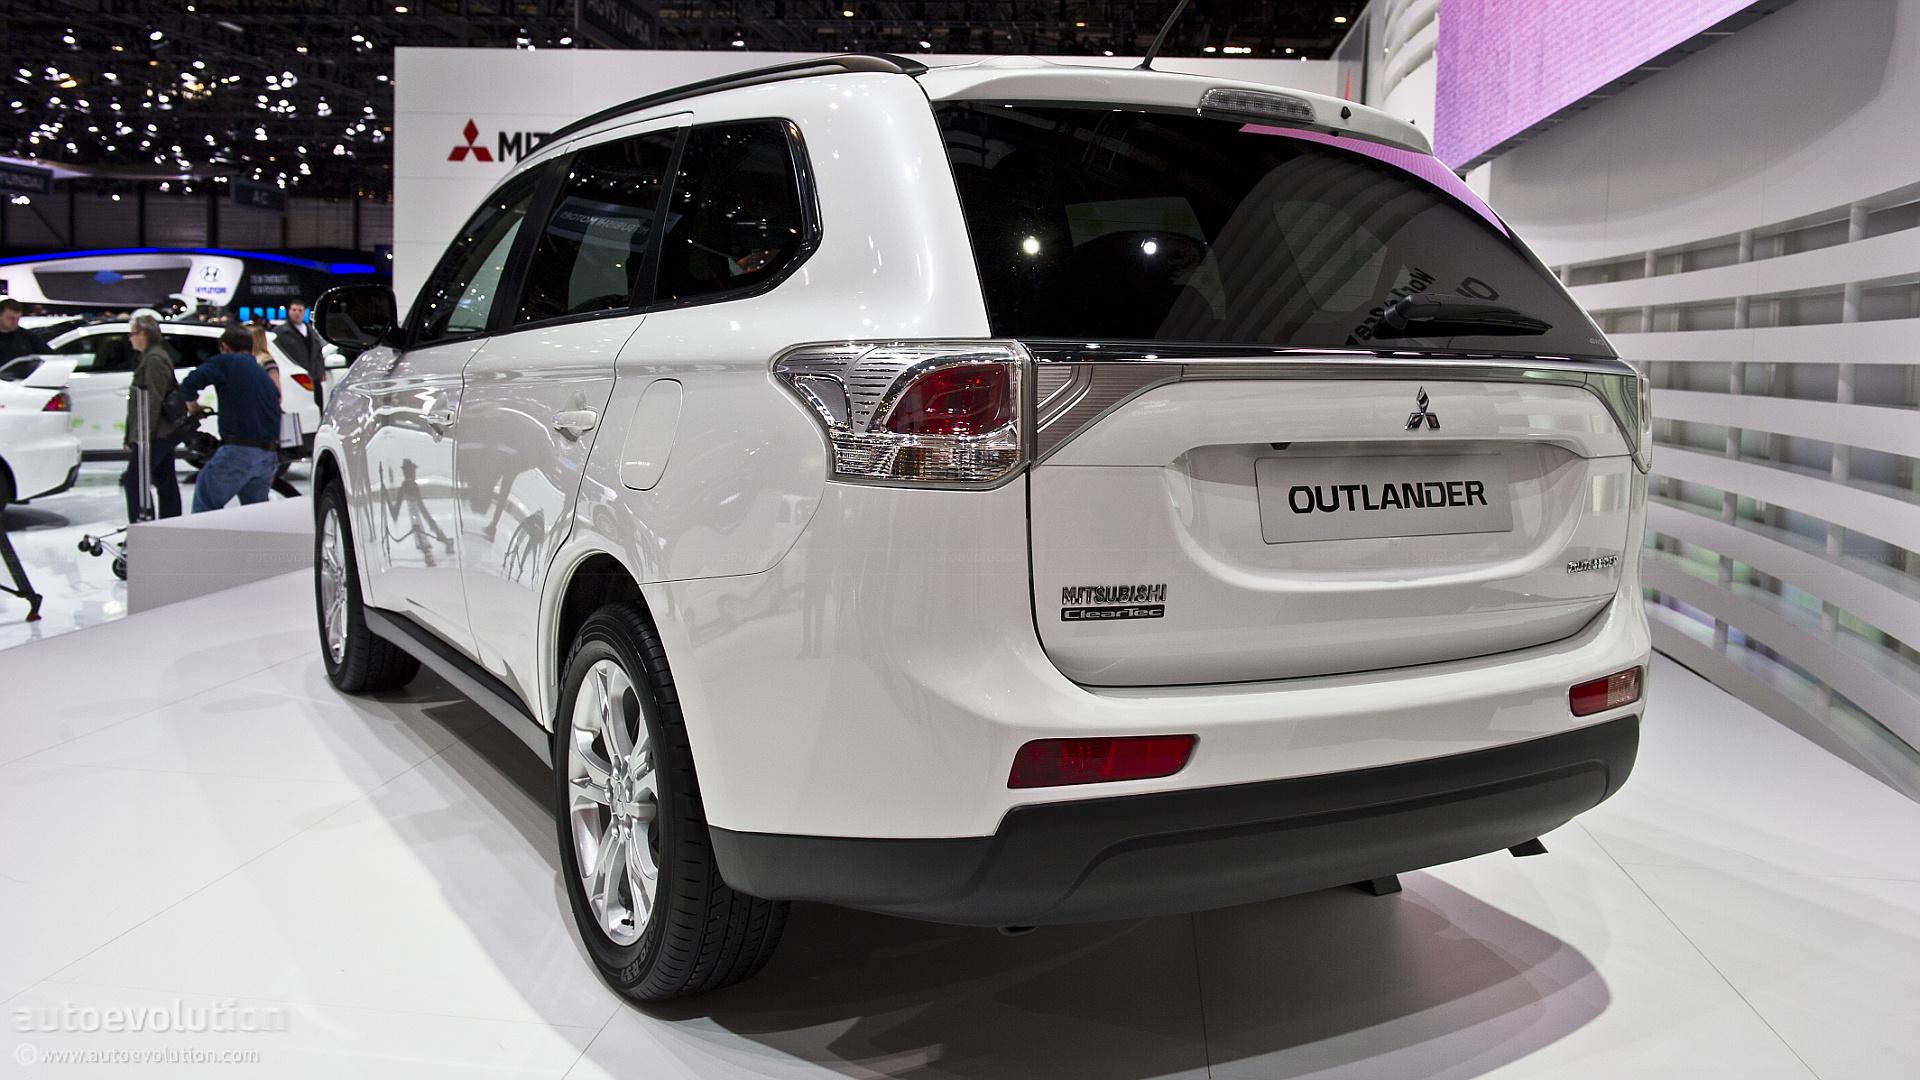 Geneva 2012: New Mitsubishi Outlander [Live Photos] - autoevolution